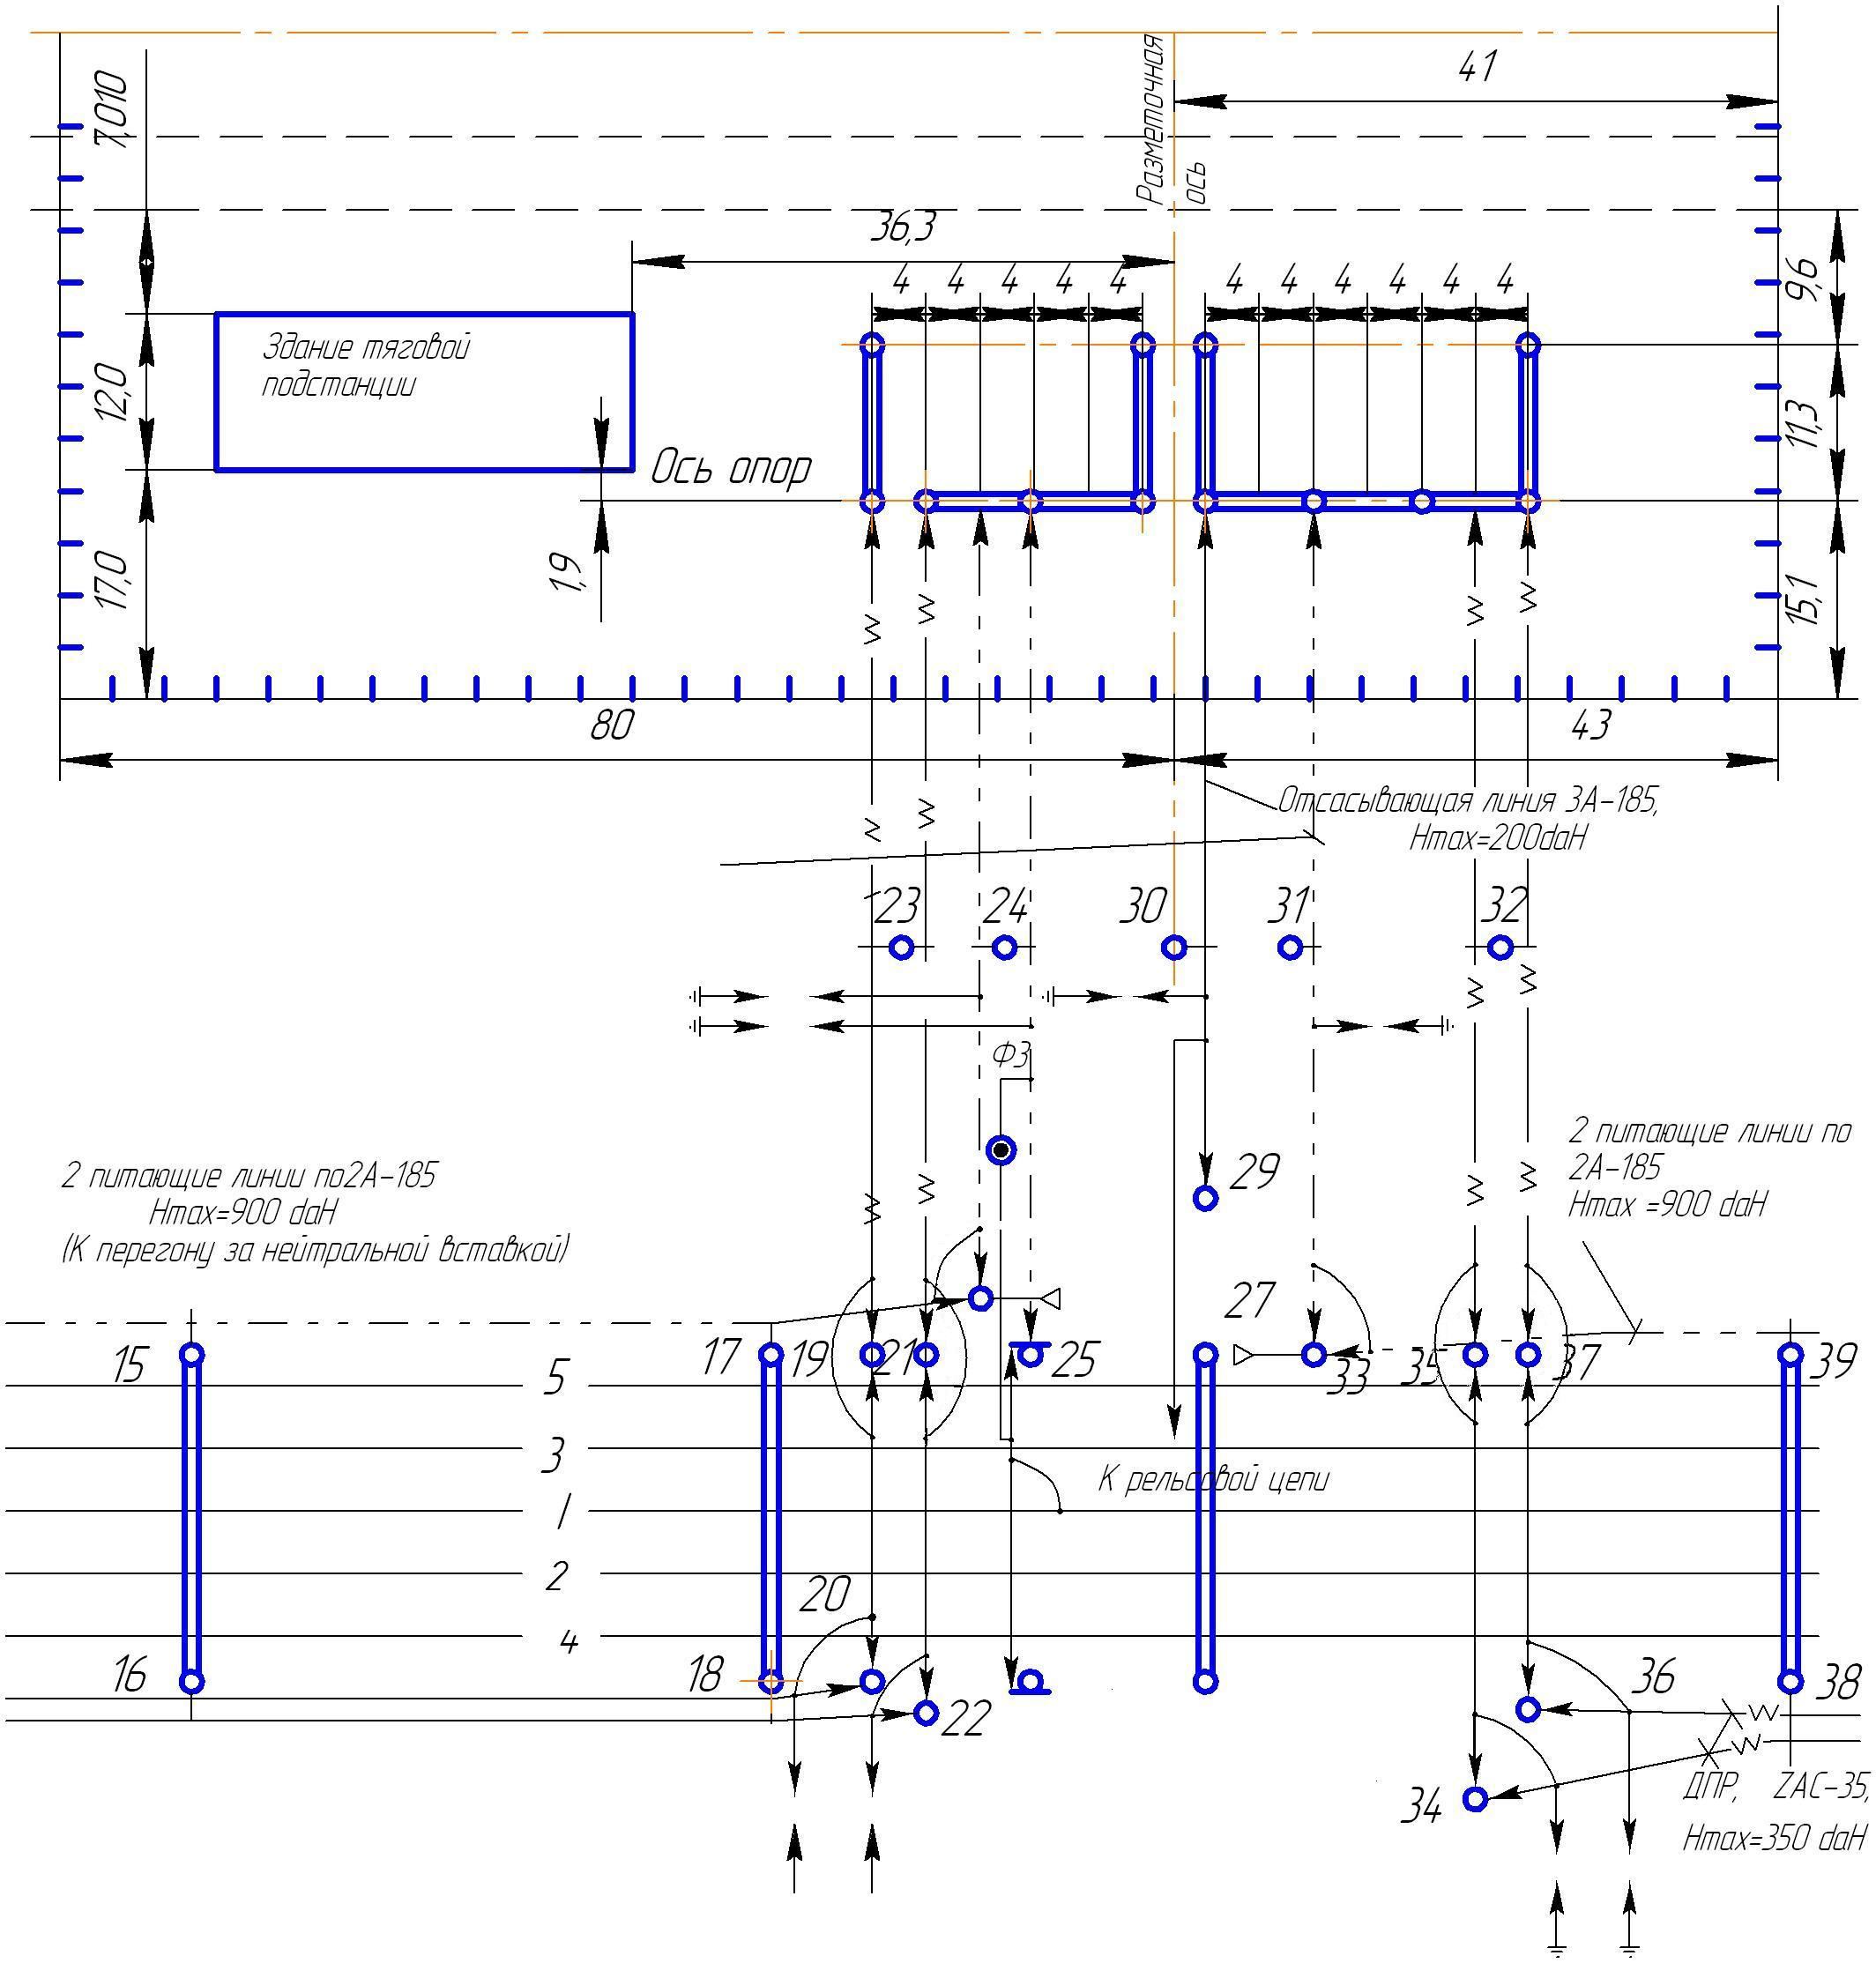 Схема тяговой подстанции переменного тока